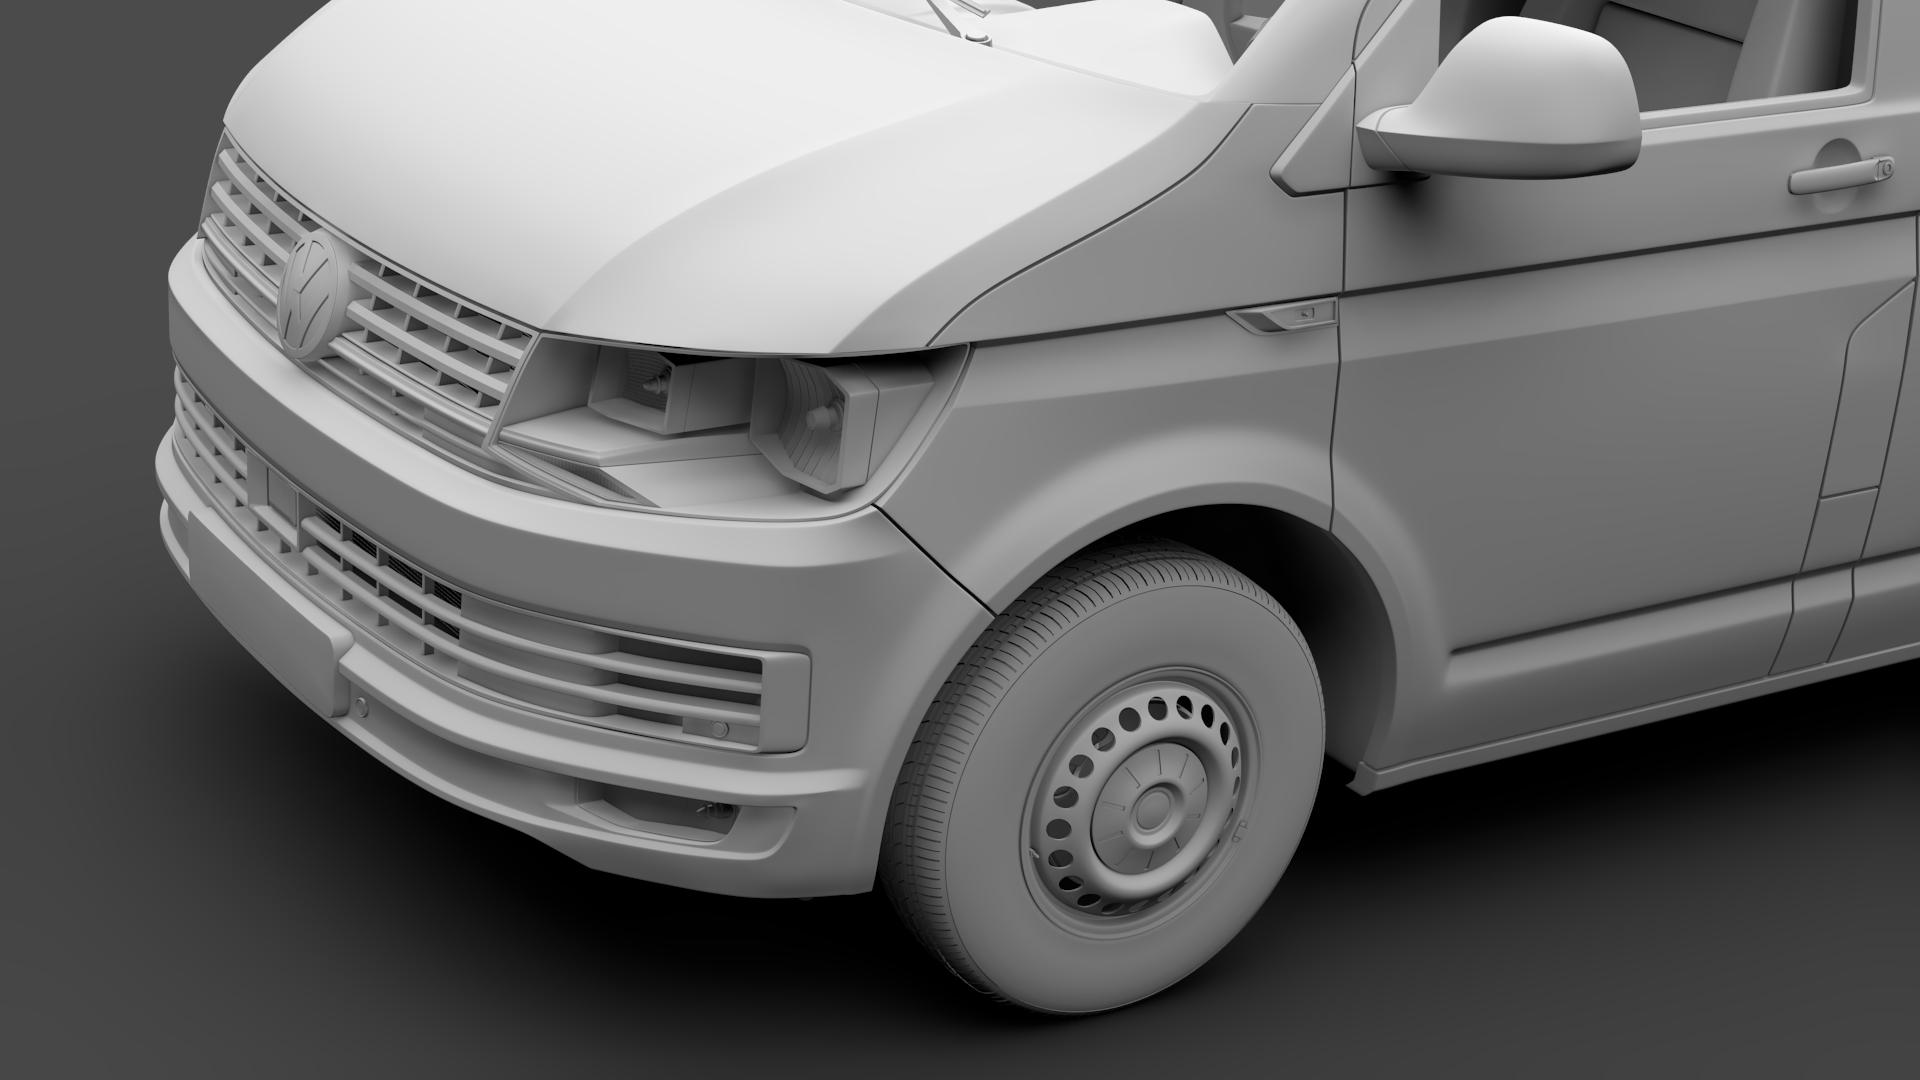 volkswagen nəqliyyat vasitəsi van l2h1 t6 2017 3d model max fbx c4d lwo ma mb hrc xsi obj 275243